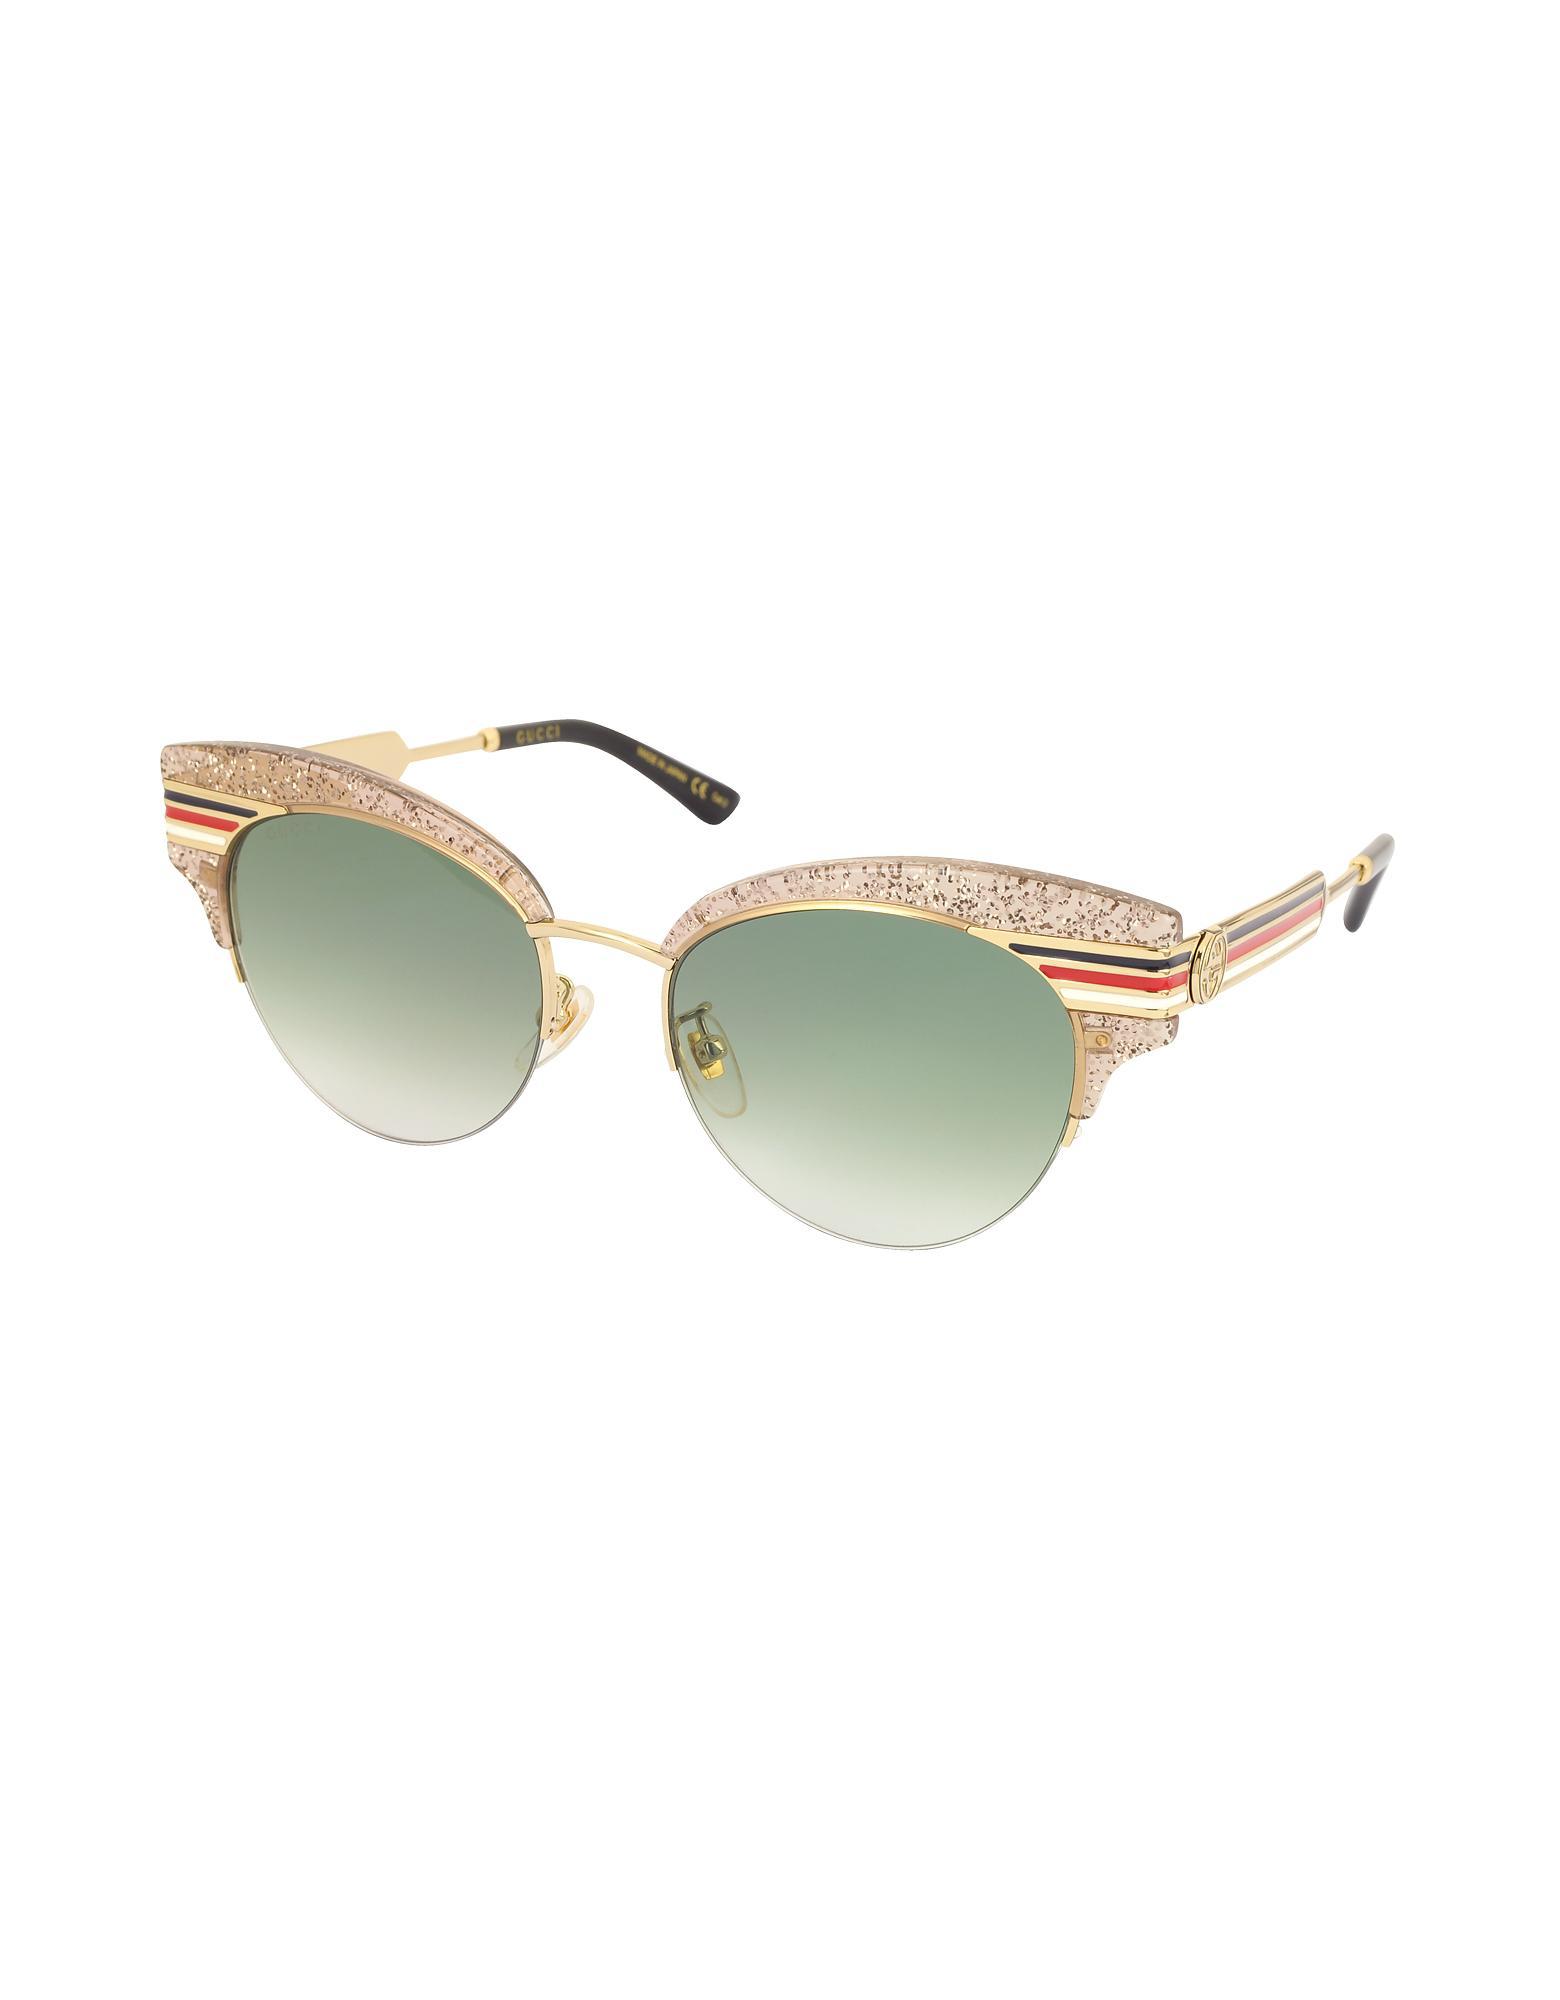 8fed06a1ad4 Lyst - Gucci GG0283S Cat Eye Beige Glitter Acetate Sunglasses W ...